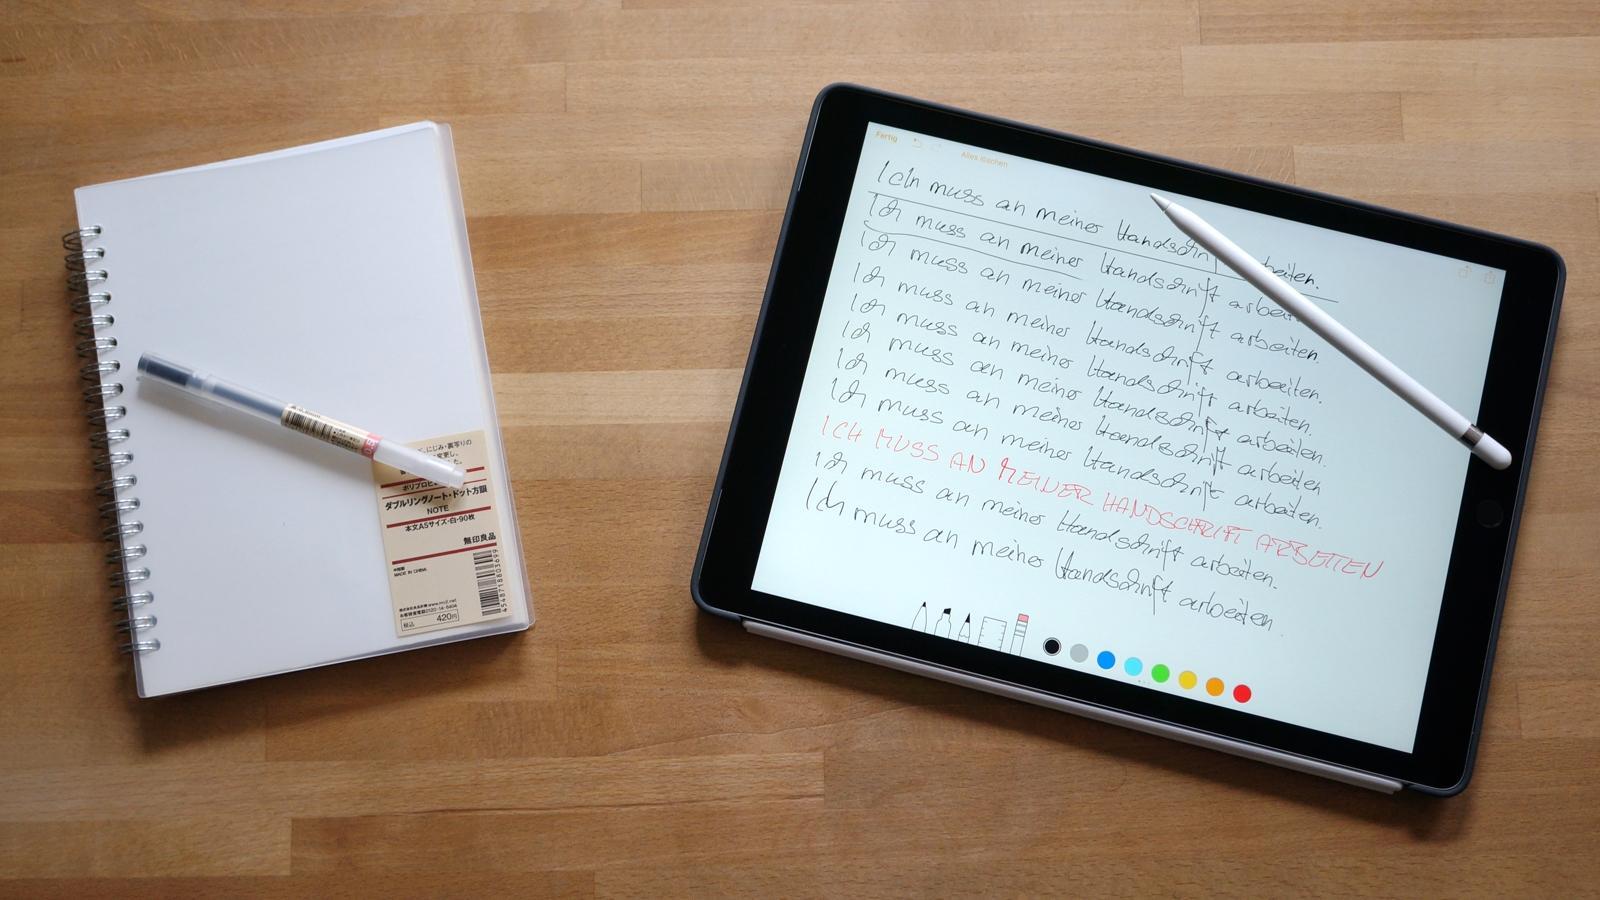 iPad Pro lead